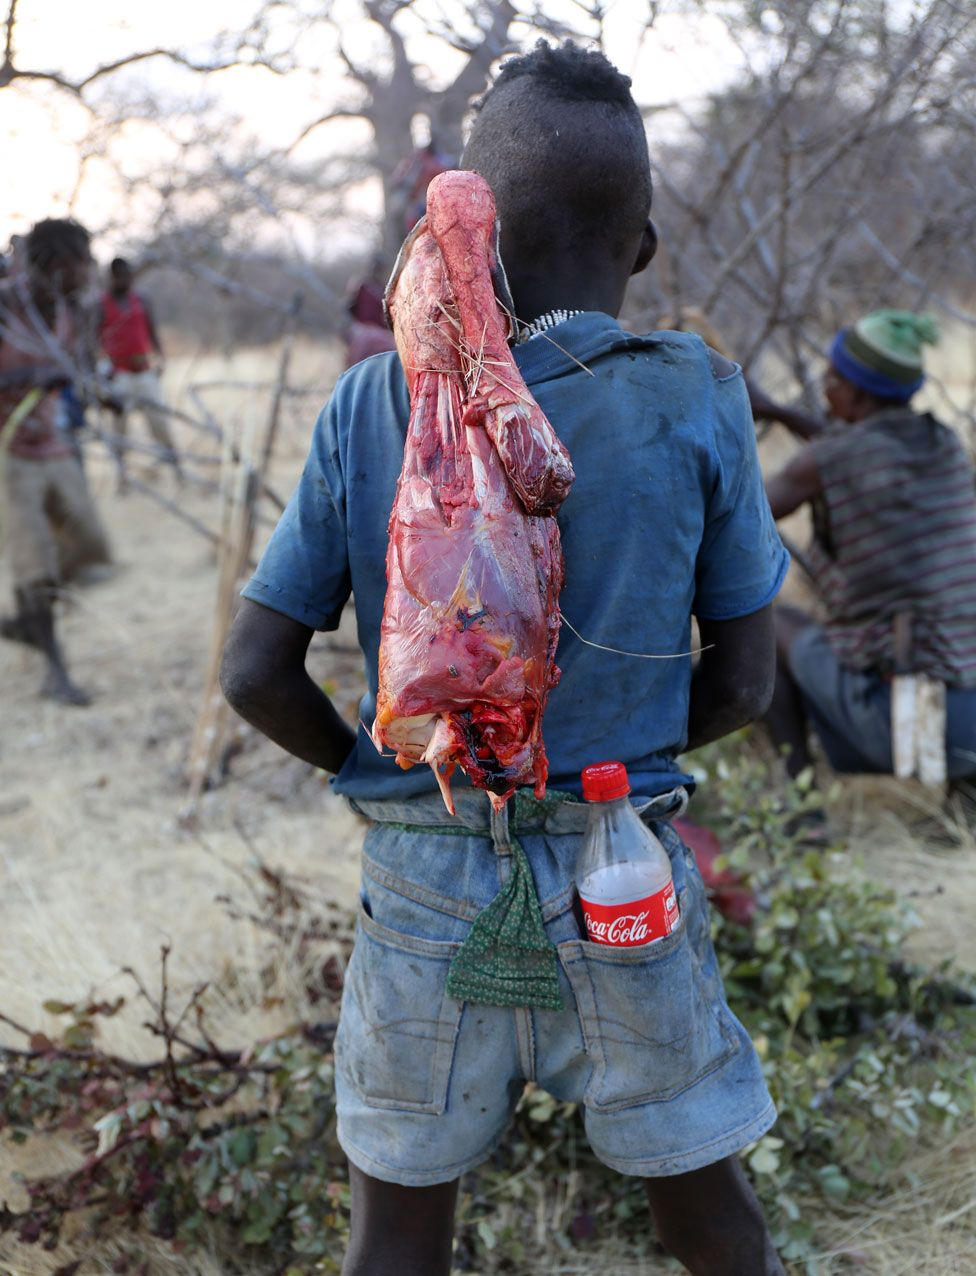 Menino hadza com um pedaço de carne crua e uma coca-cola